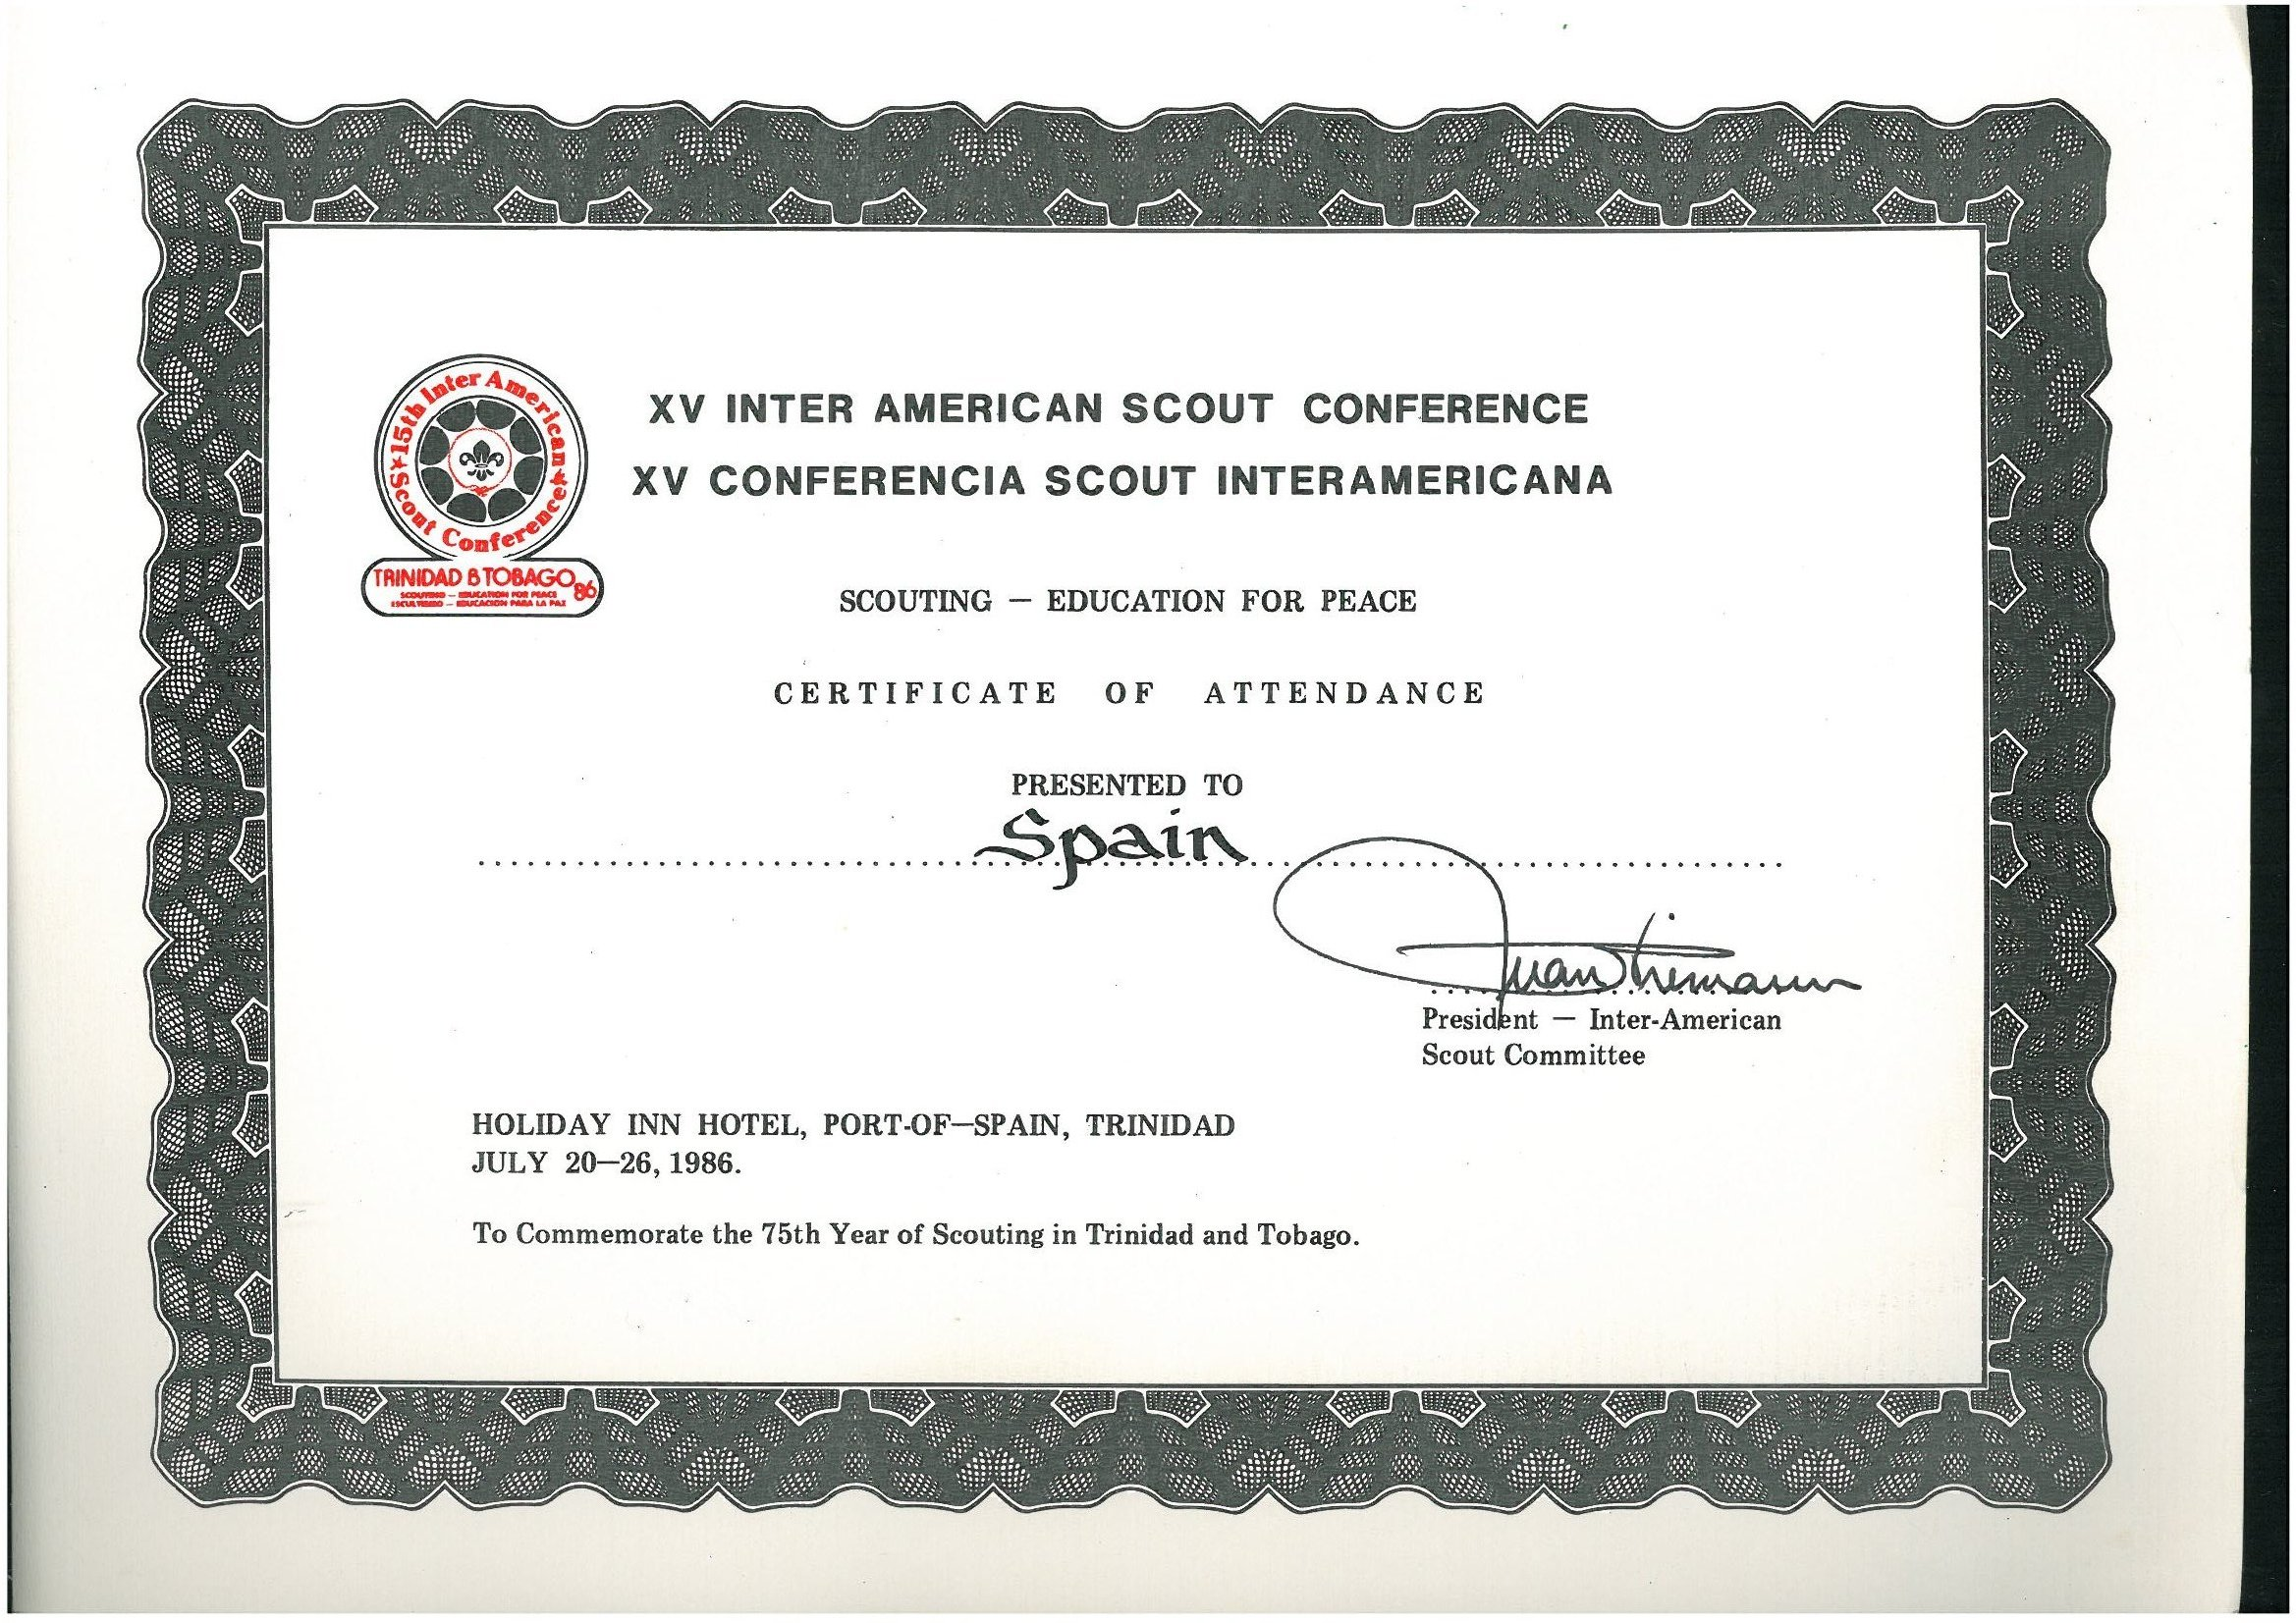 XV Conferencia Scout Interamericana